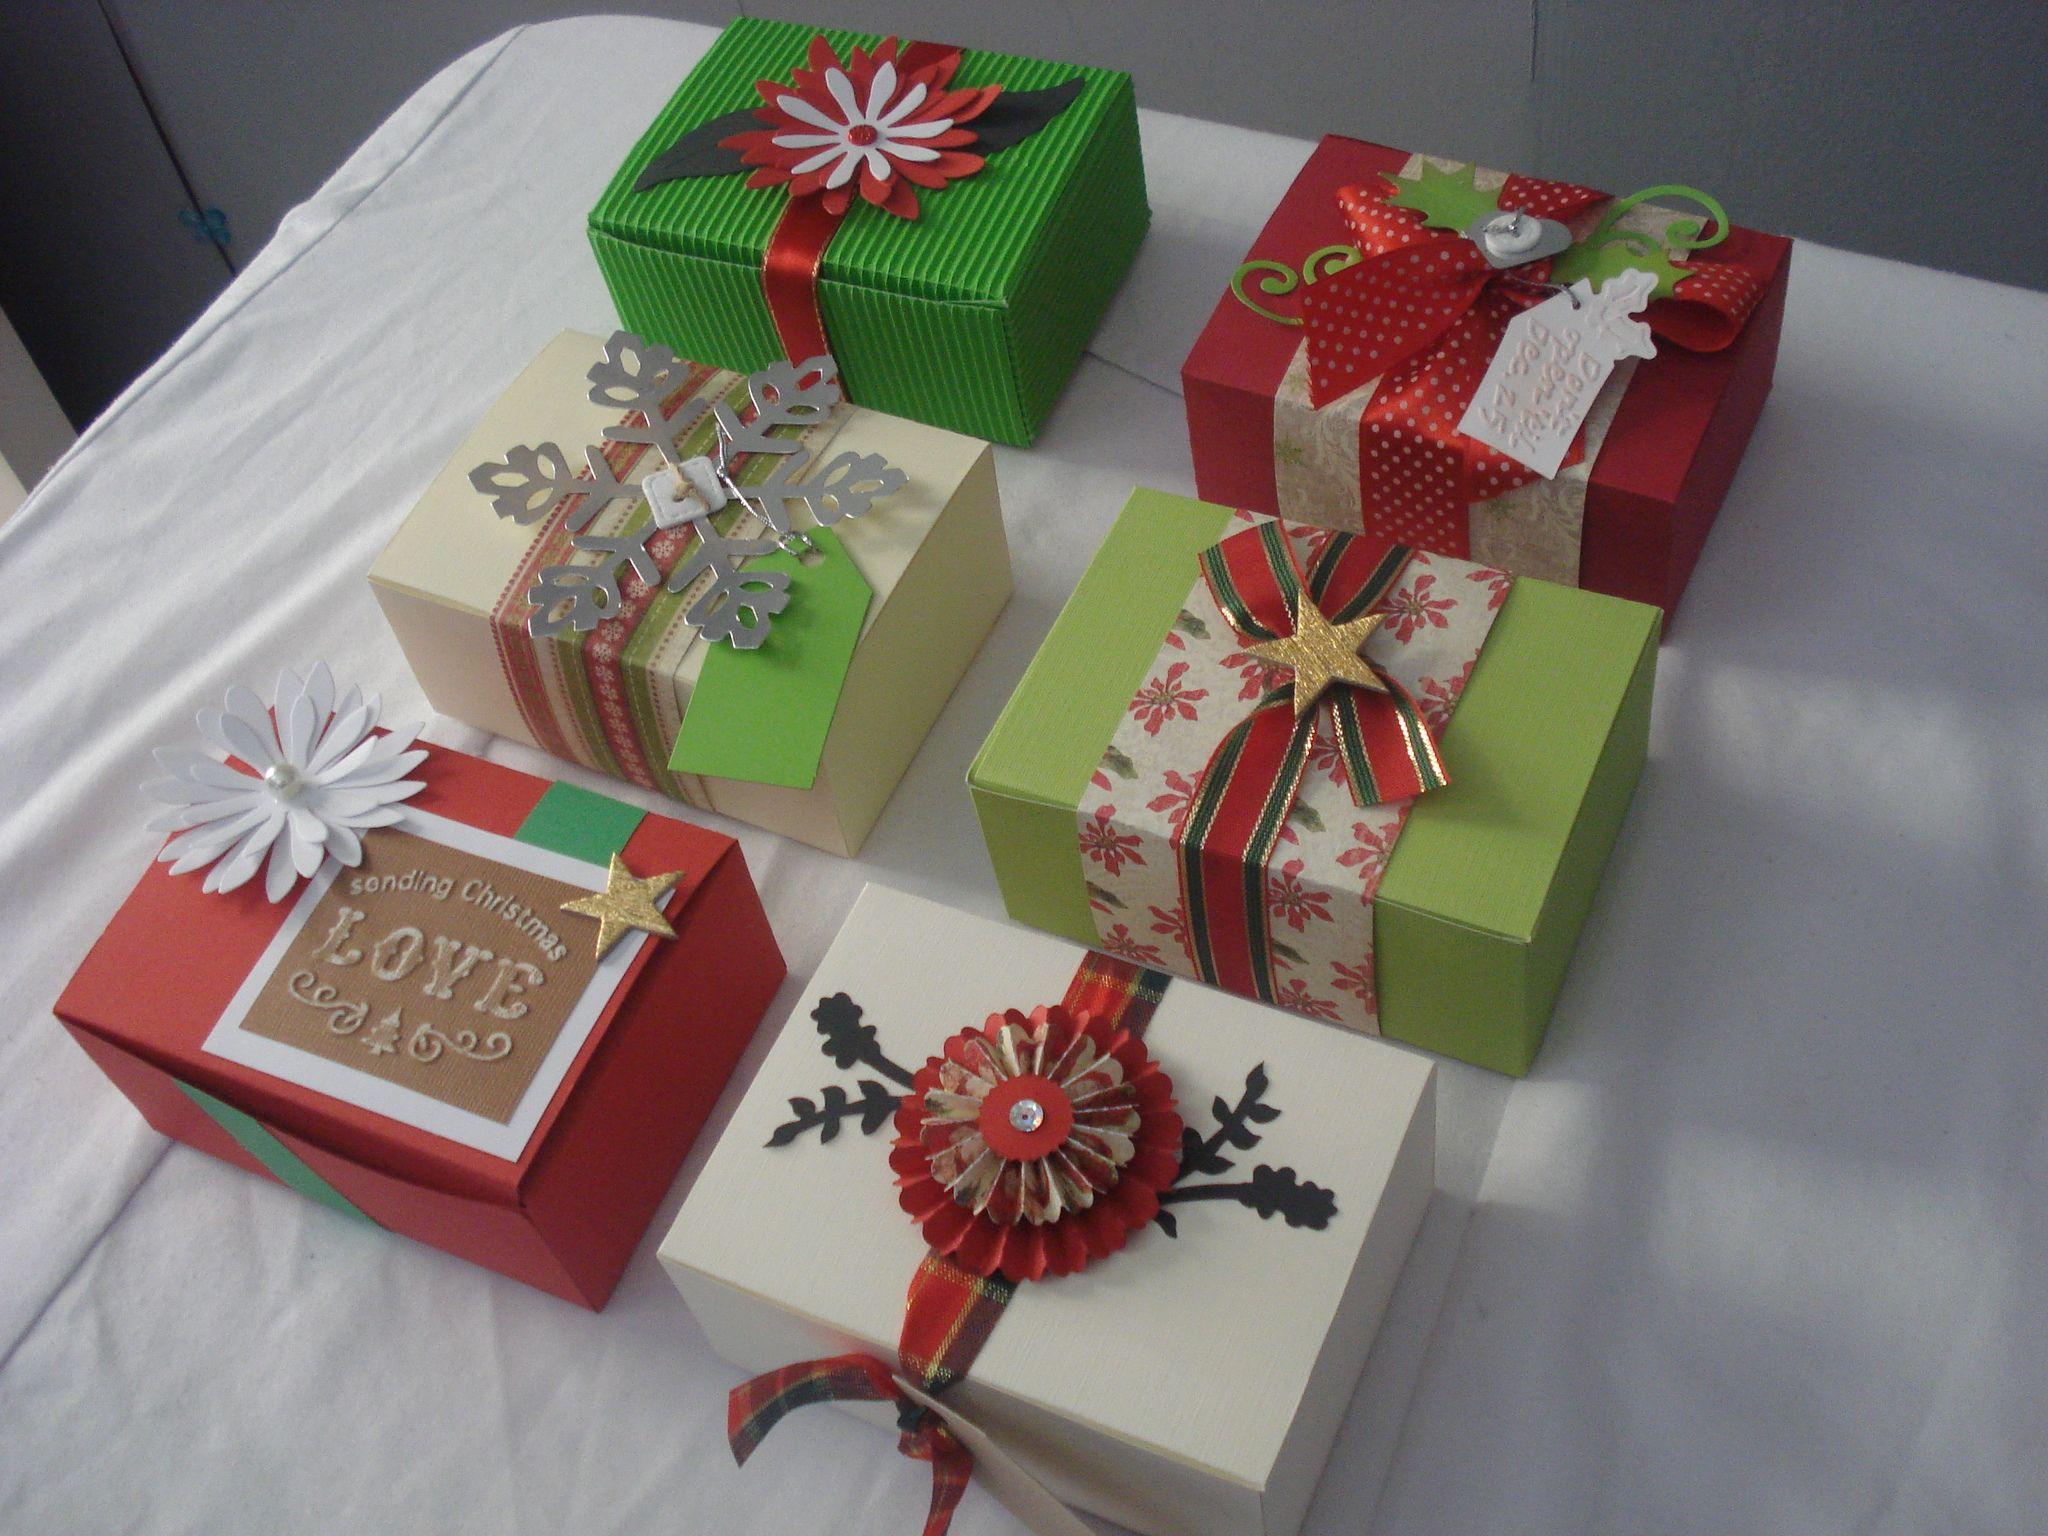 Empaques Navide Os Para Regalos Buscar Con Google Navidad  ~ Regalos Originales Para Navidad Manualidades